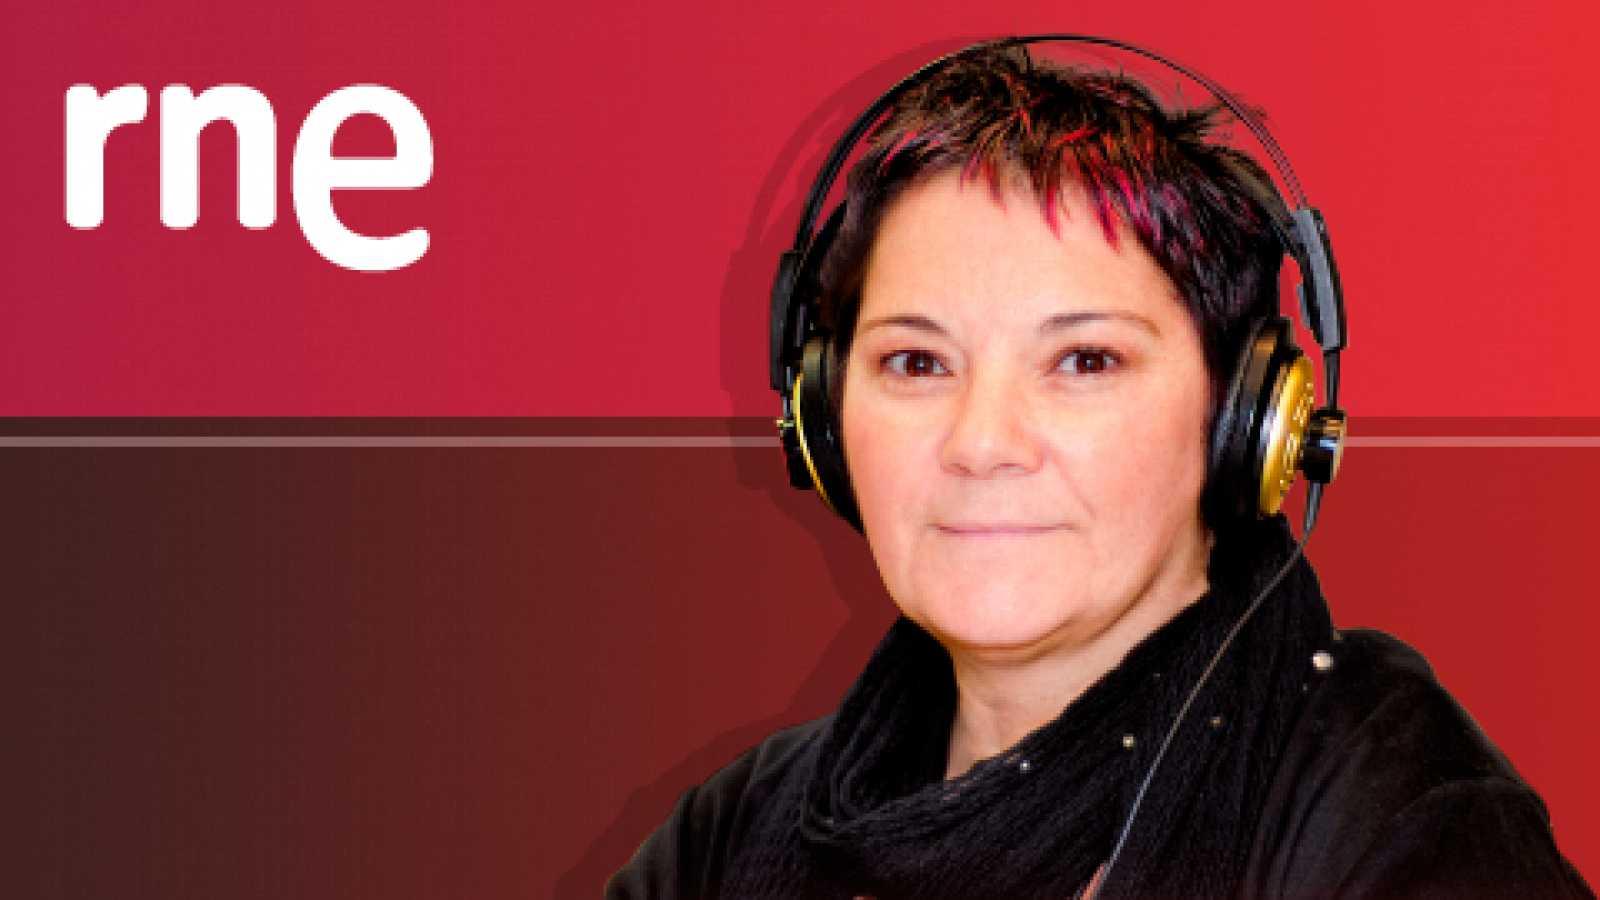 La noche en vela - La LOMCE, a debate - 08/05/13 - Escuchar ahora